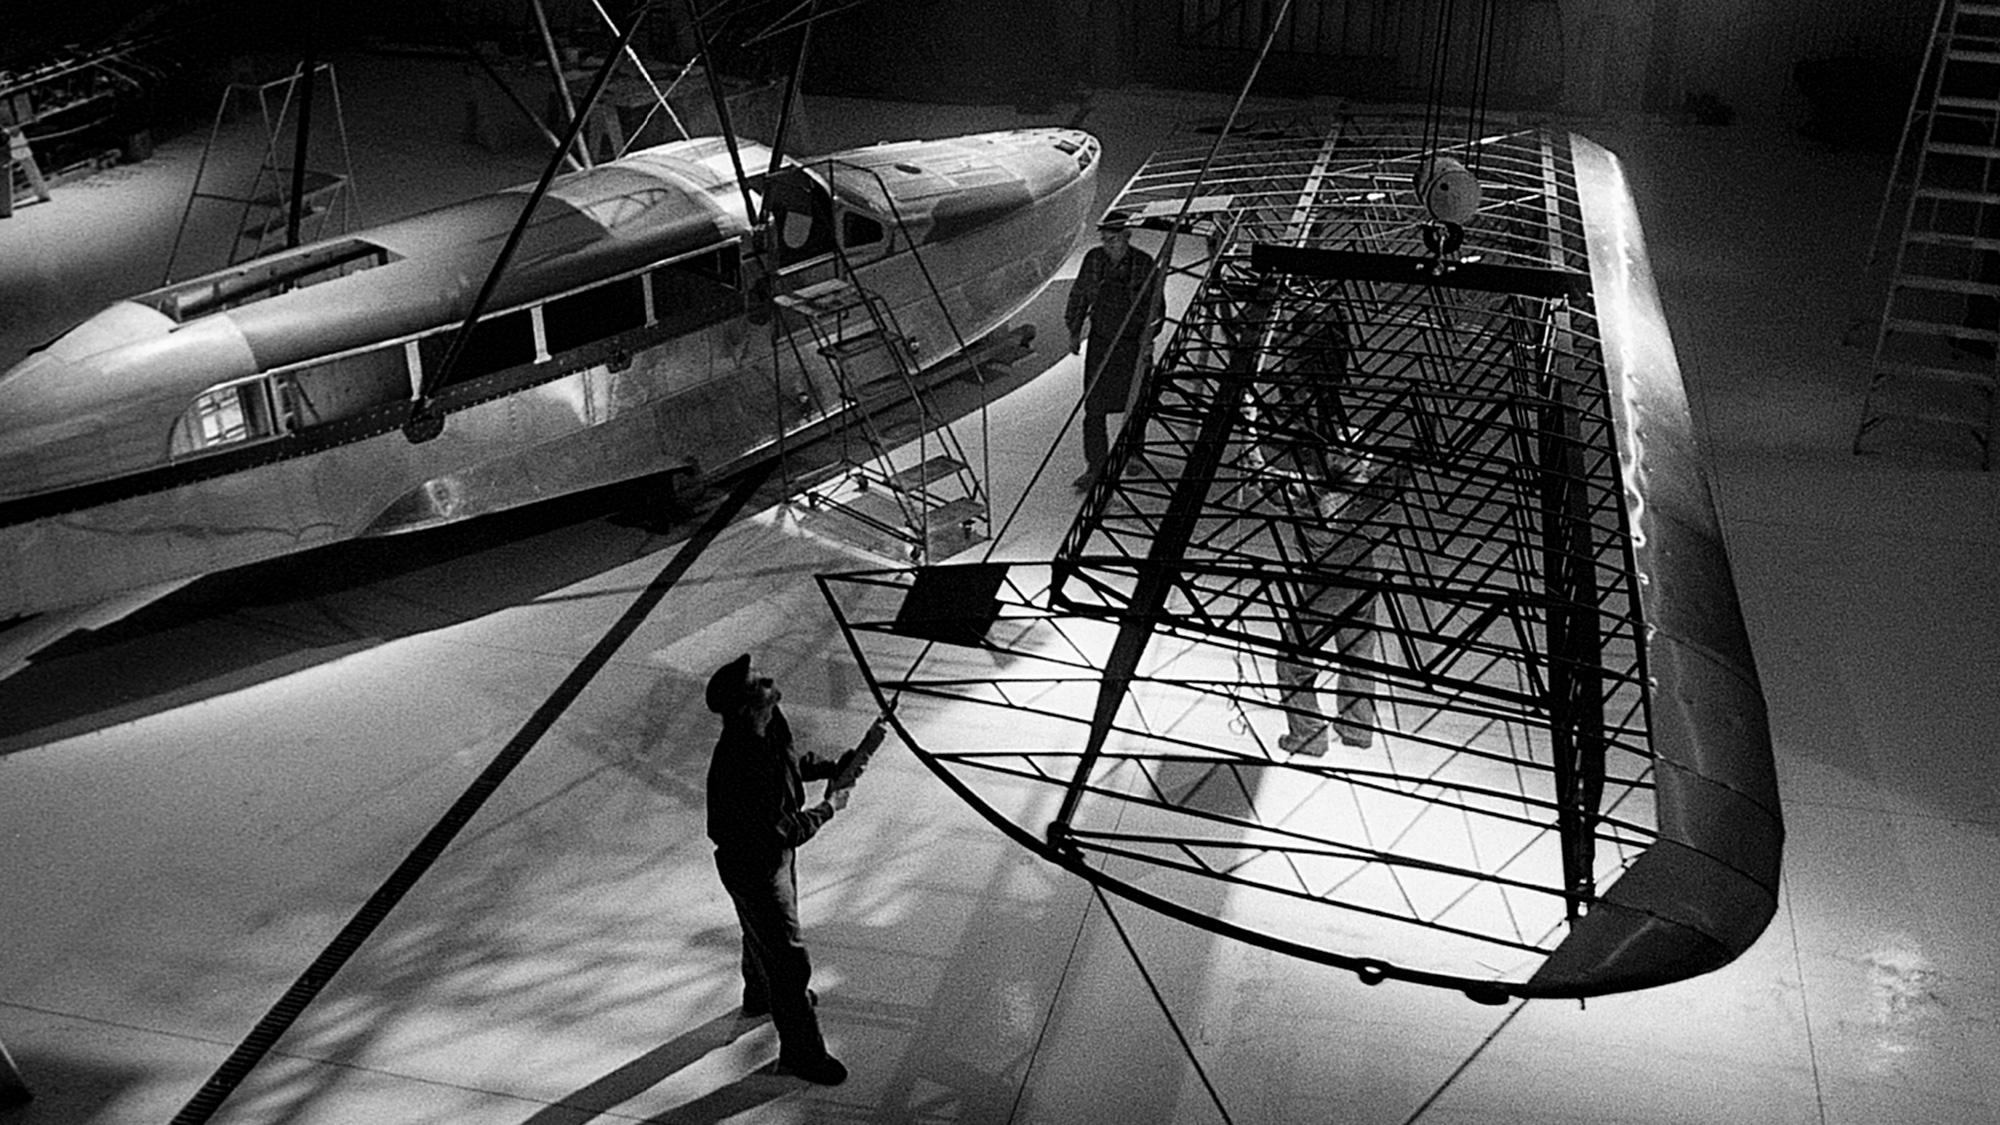 L'aereo originale Sikorsky S-38 utilizzato da H.F. Johnson Jr. nella sua spedizione del 1935 per raggiungere la foresta di palme carnaúba da cui si estrae la cera